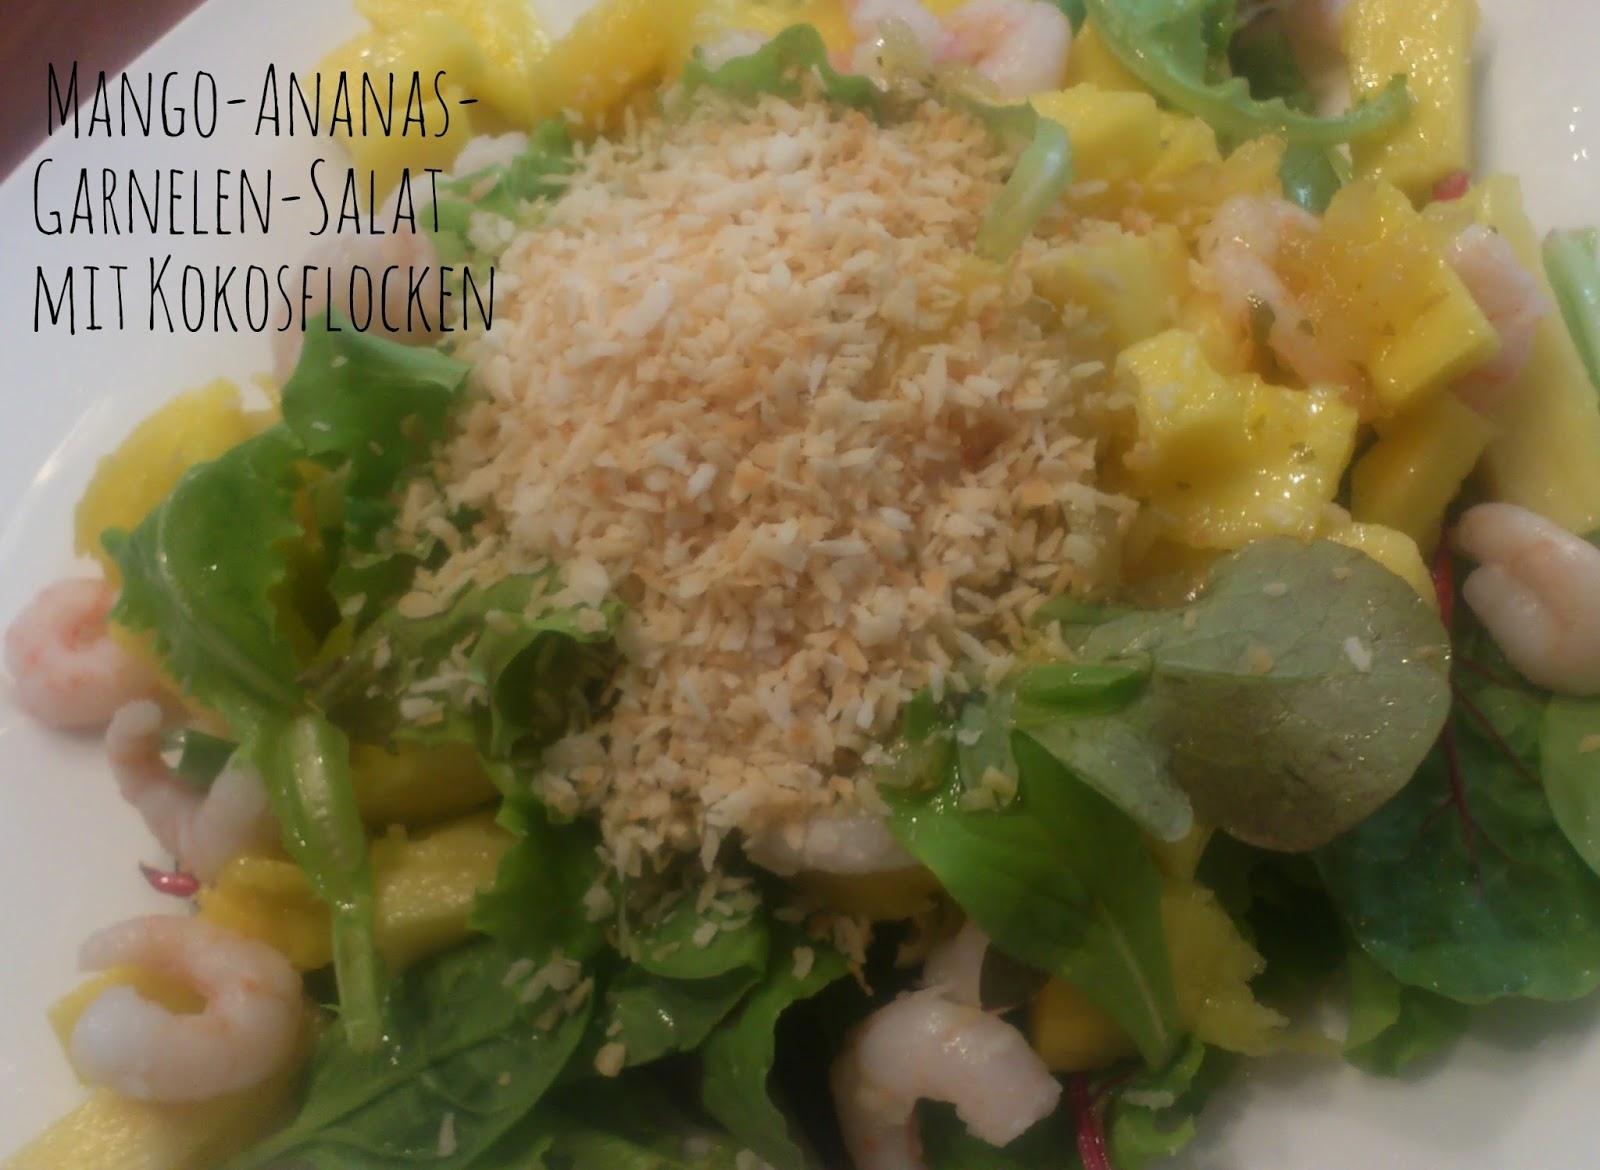 Mango-Ananas-Garnelen-Salat mit Kokosflocken